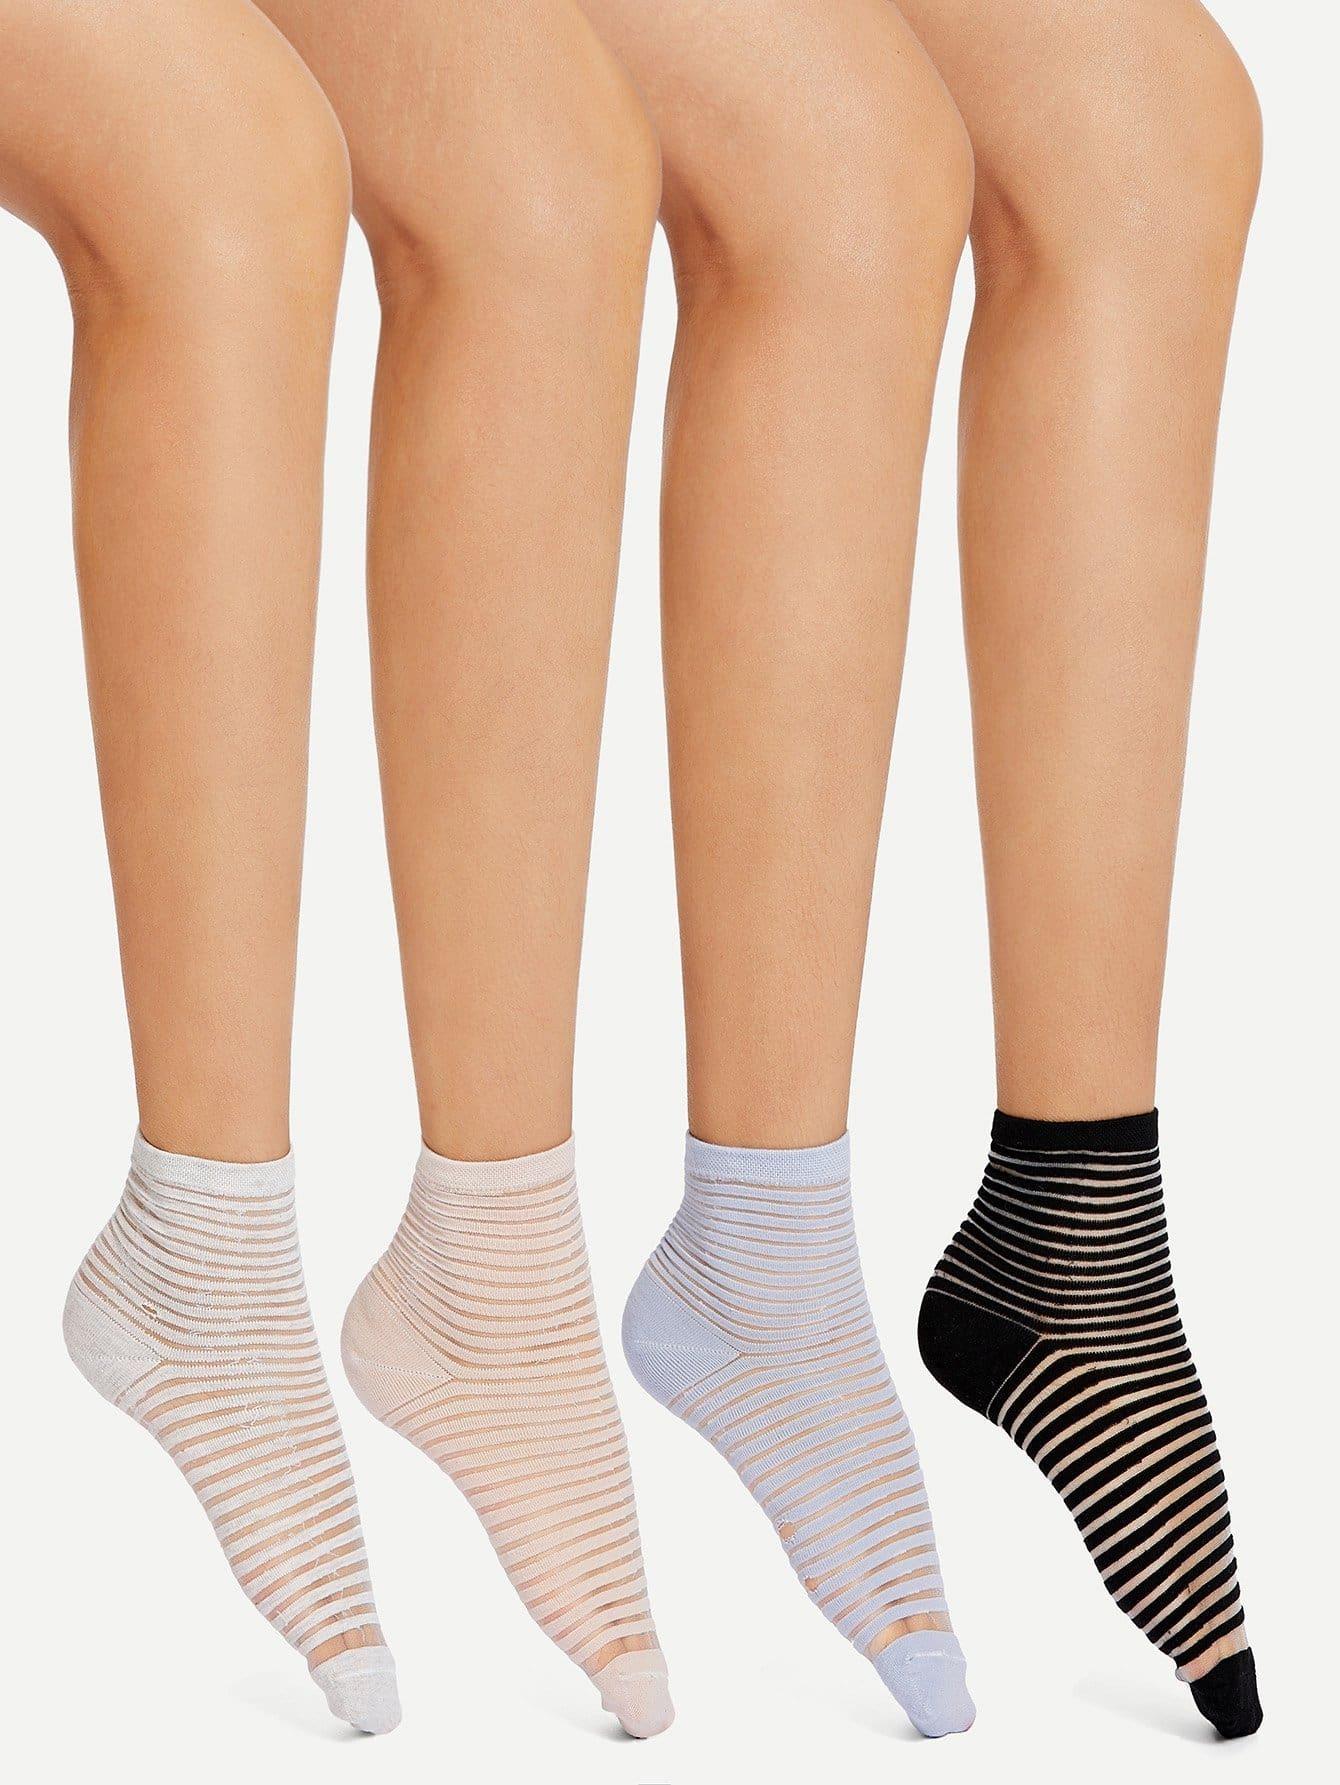 Knöchel Socken mit Streifen 4 Paare